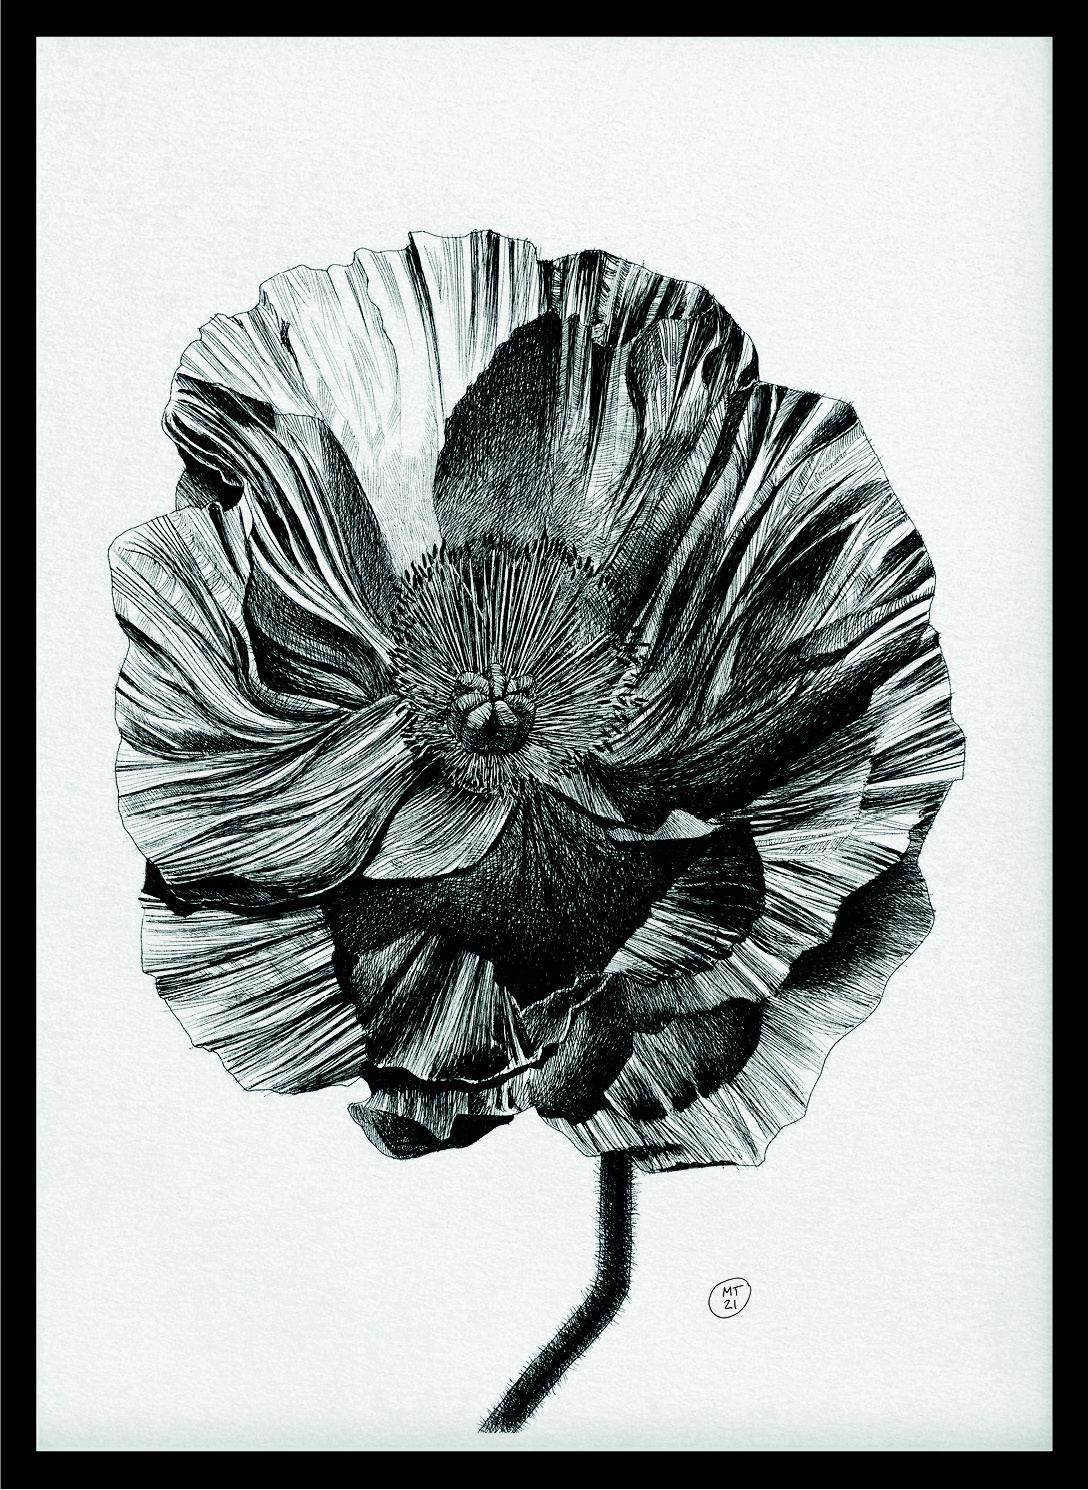 Papavero_Poster_Ink on Paper_Mario Trimarchi Design5